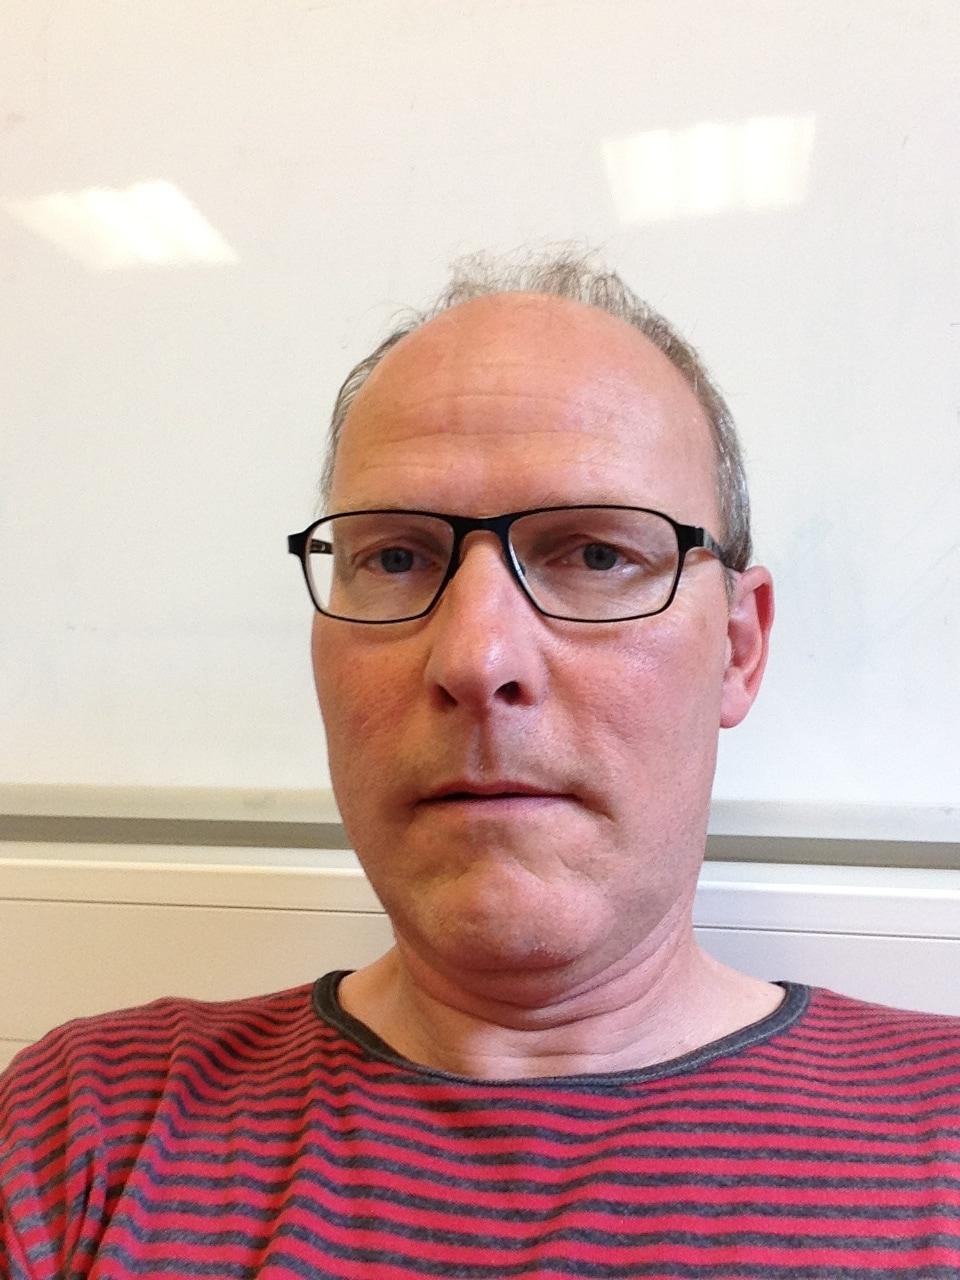 Bo from Skårup Fyn